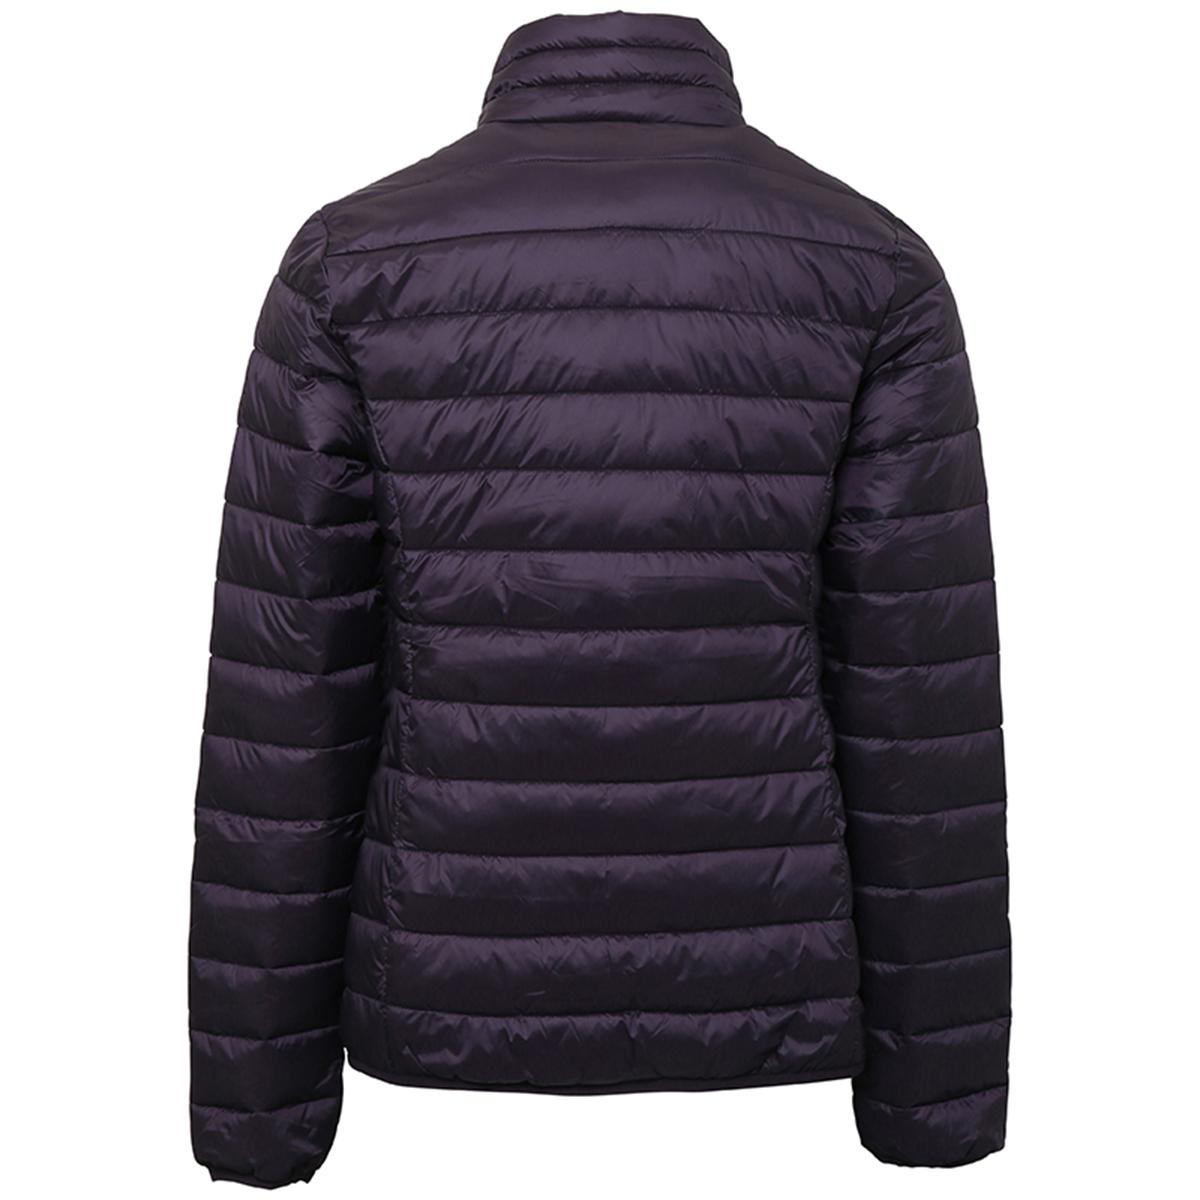 2786 Womens/Ladies Terrain Long Sleeves Padded Jacket (XS) (Black)